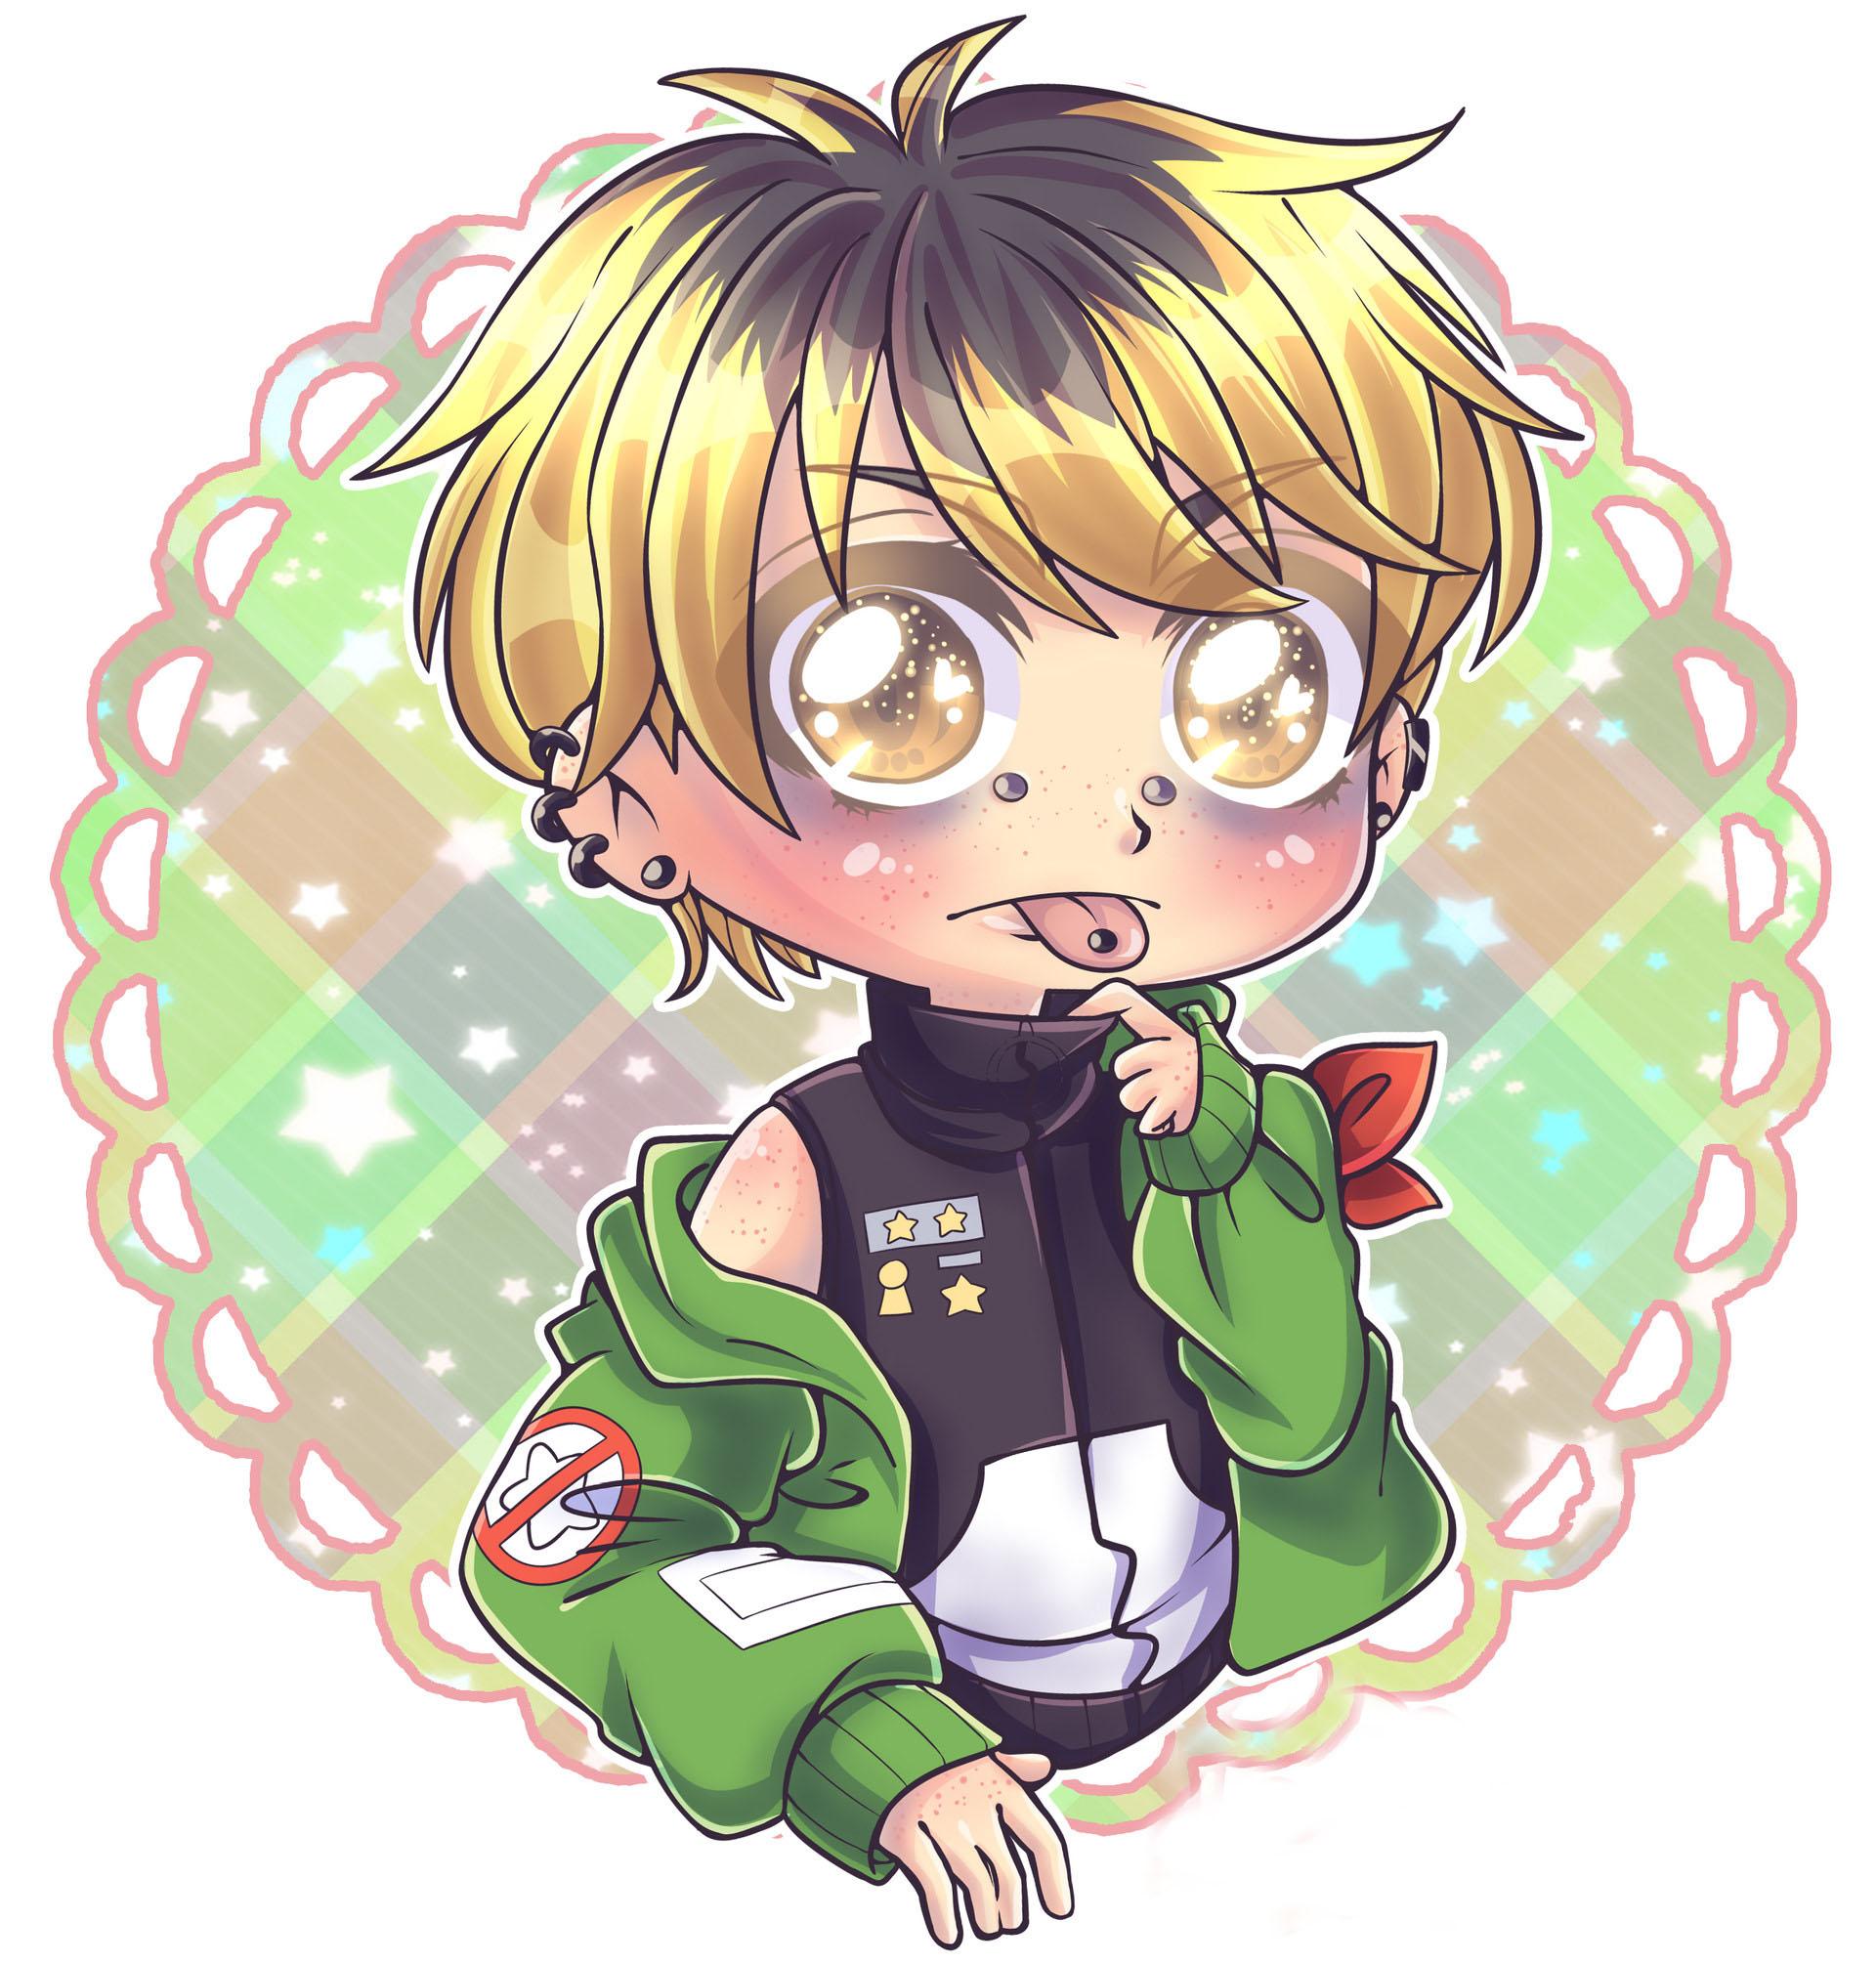 Ảnh anime chibi boy cute